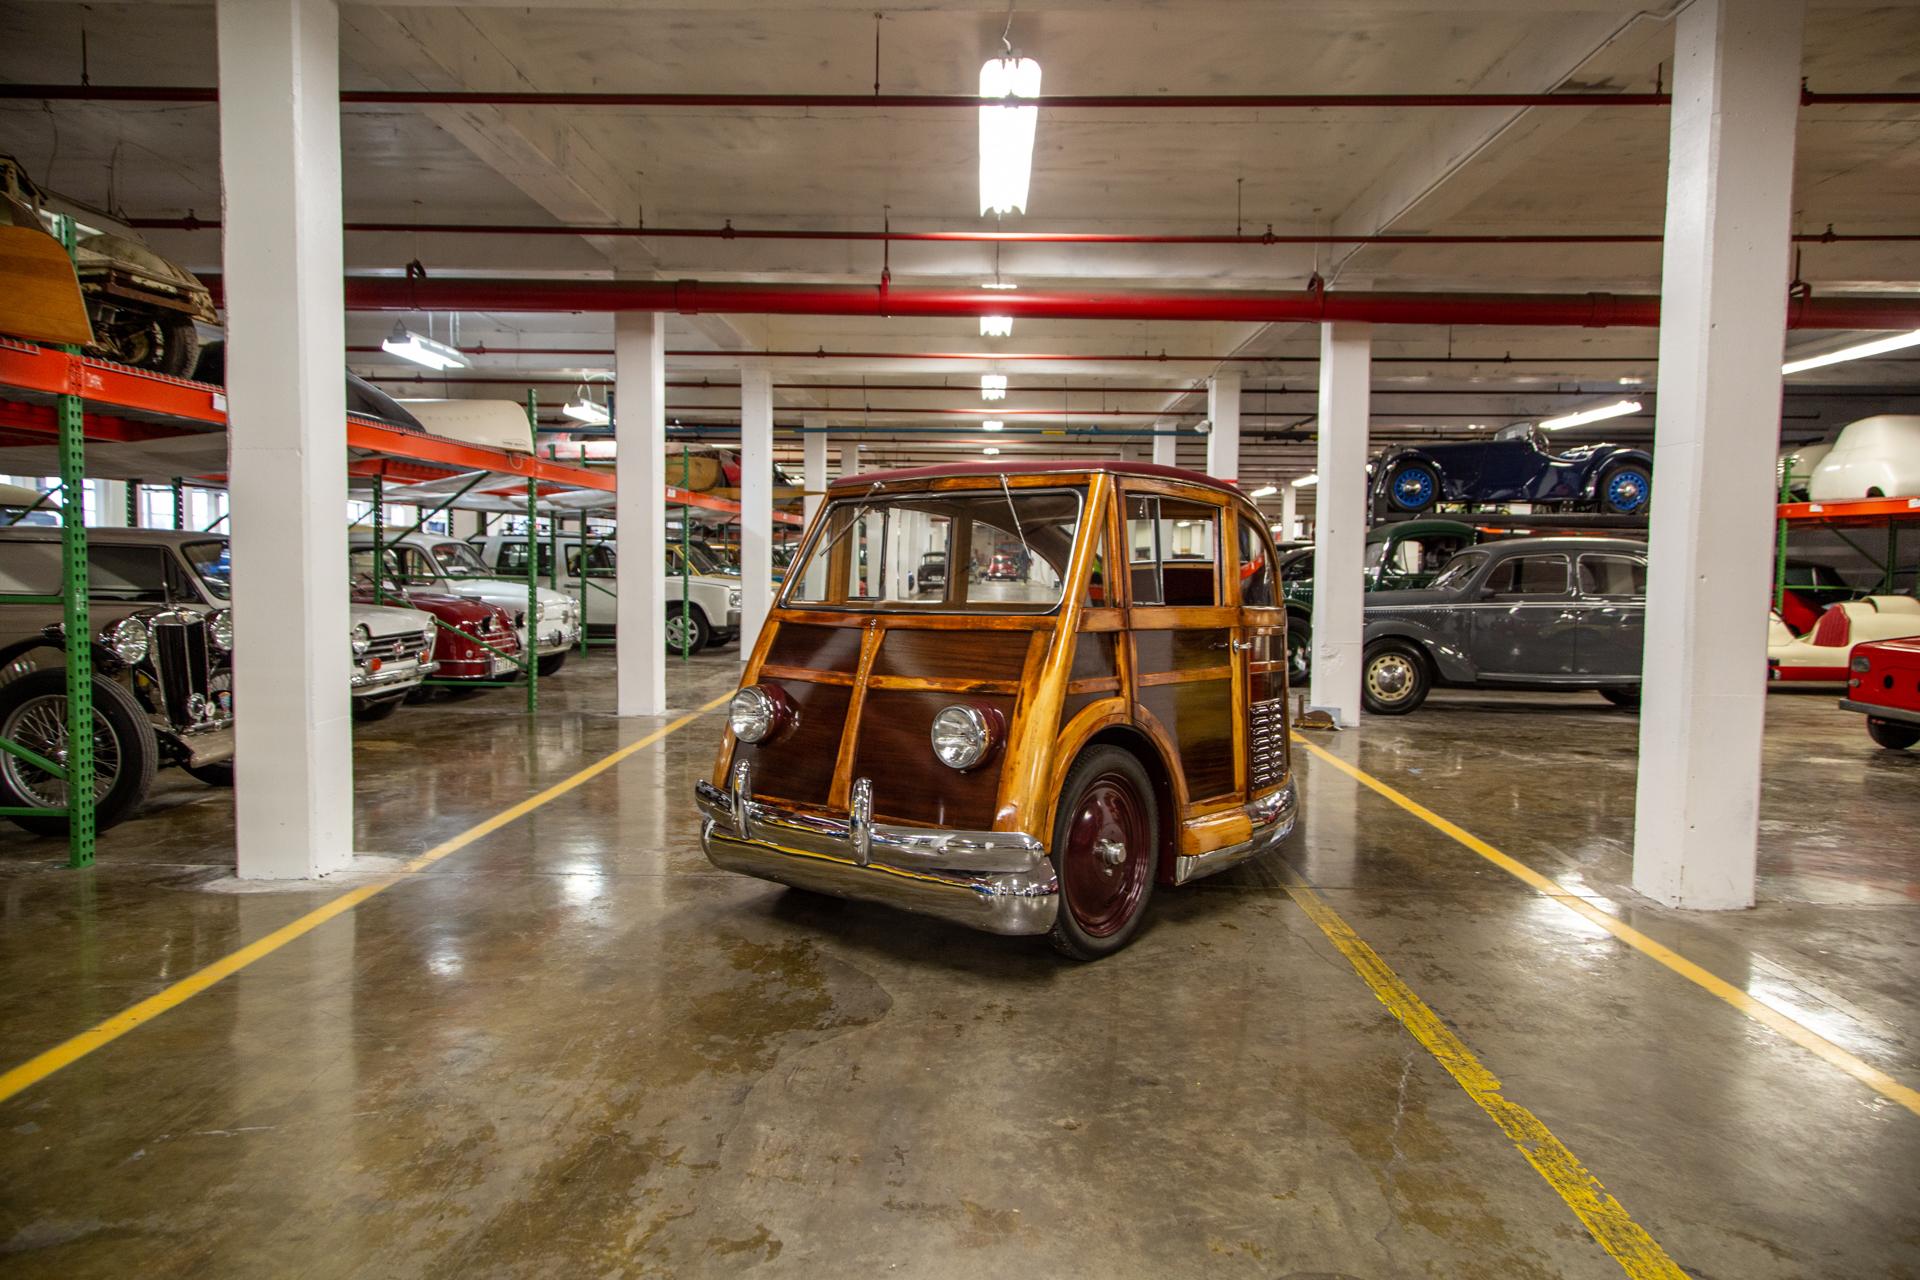 Martin Stationette Front Three-Quarter In Garage Center